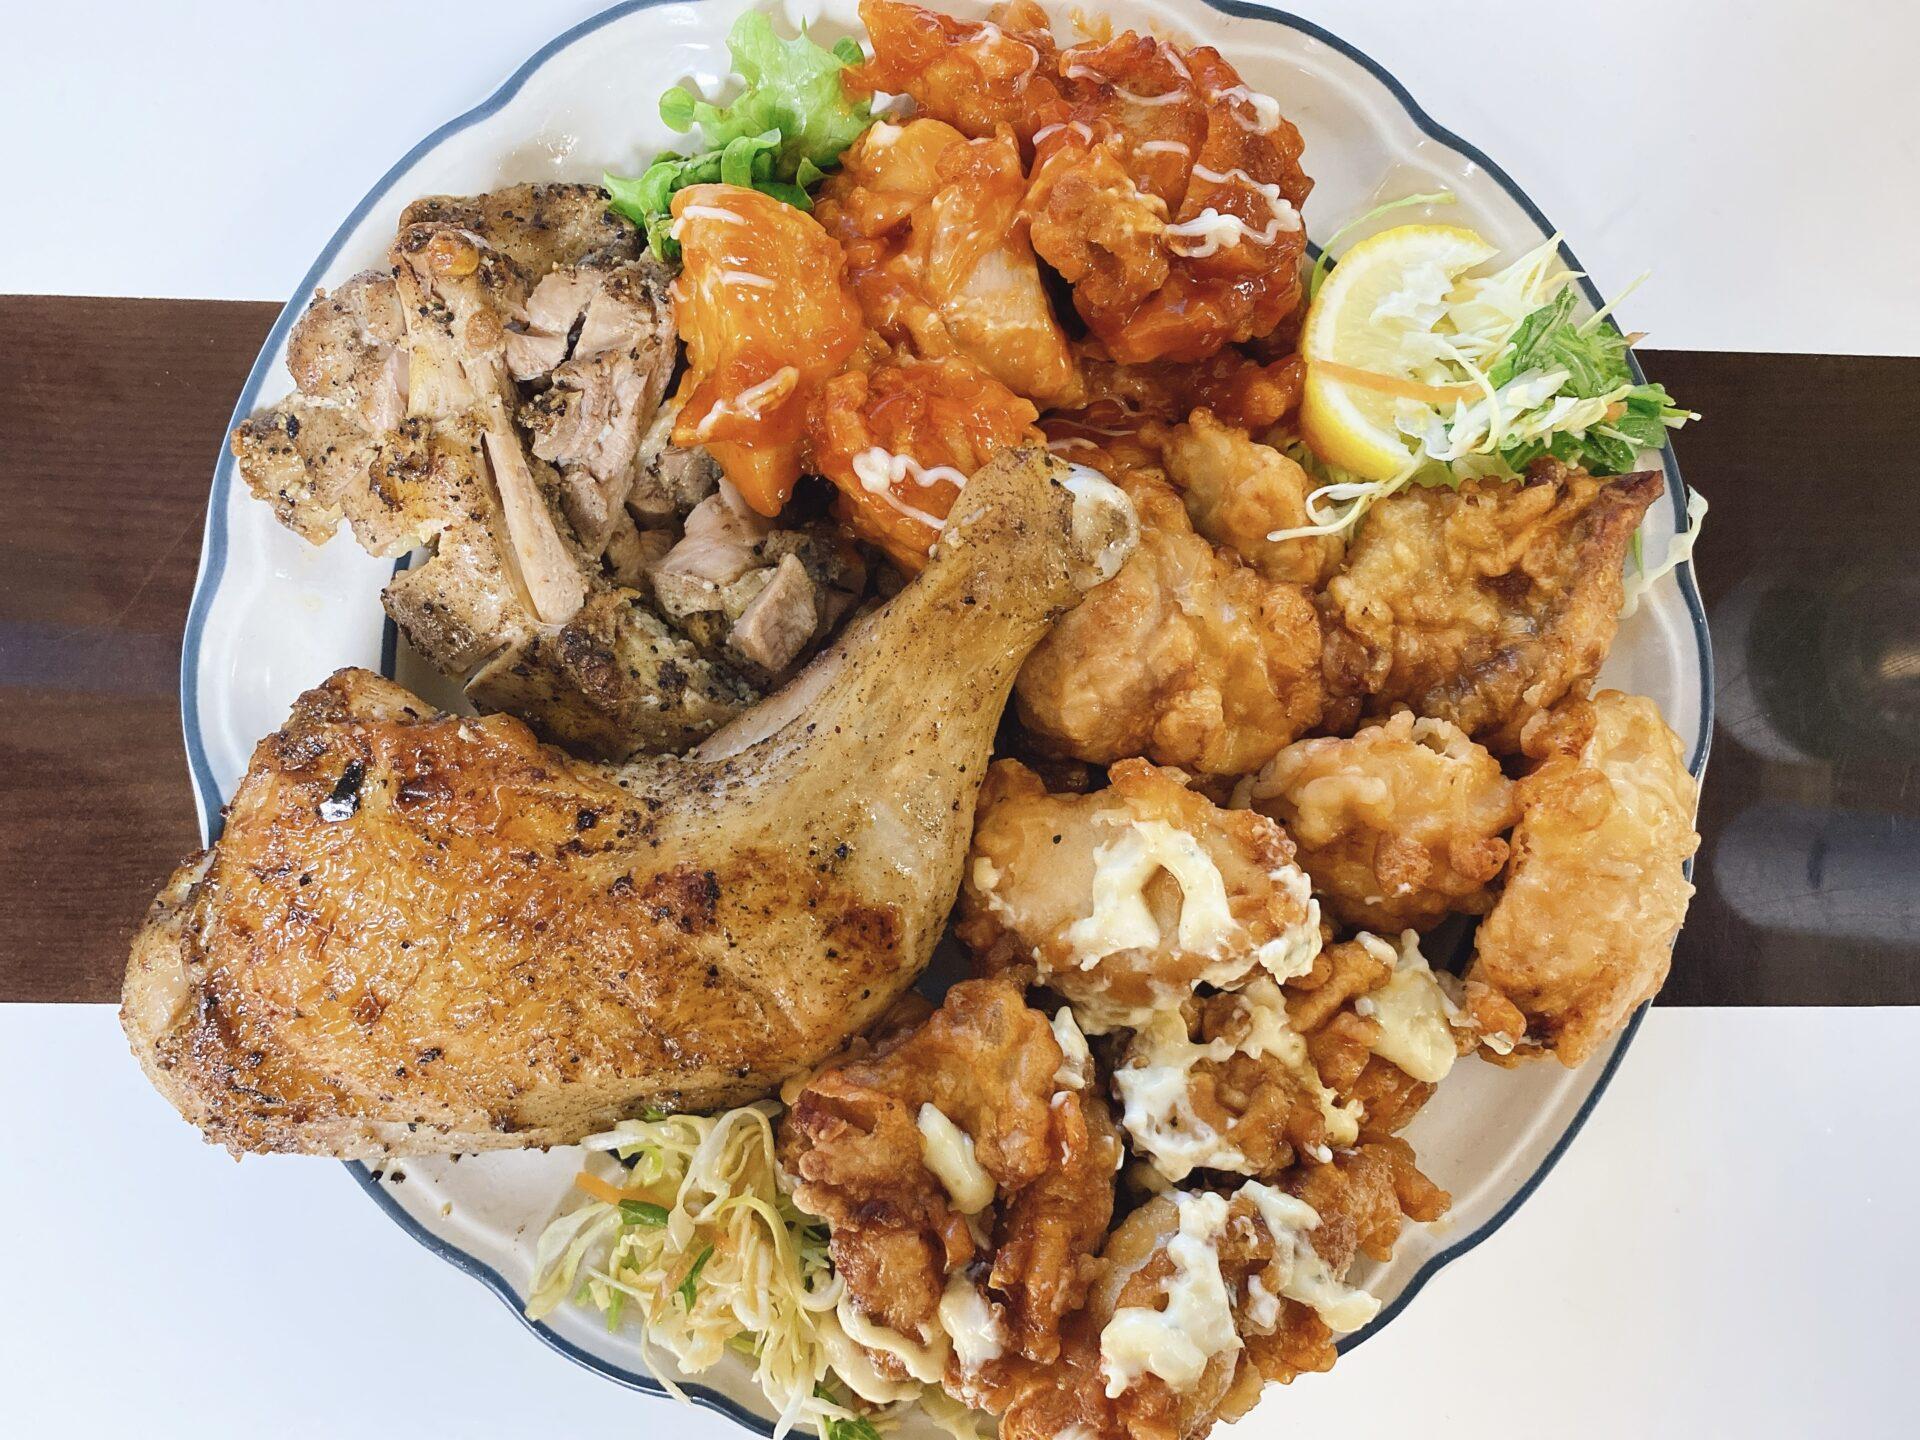 【岡山市南区のテイクアウト】鶏料理専門店 骨付鳥 パチャマンカの持ち帰りメニューが好物の茶色系オンパレード!